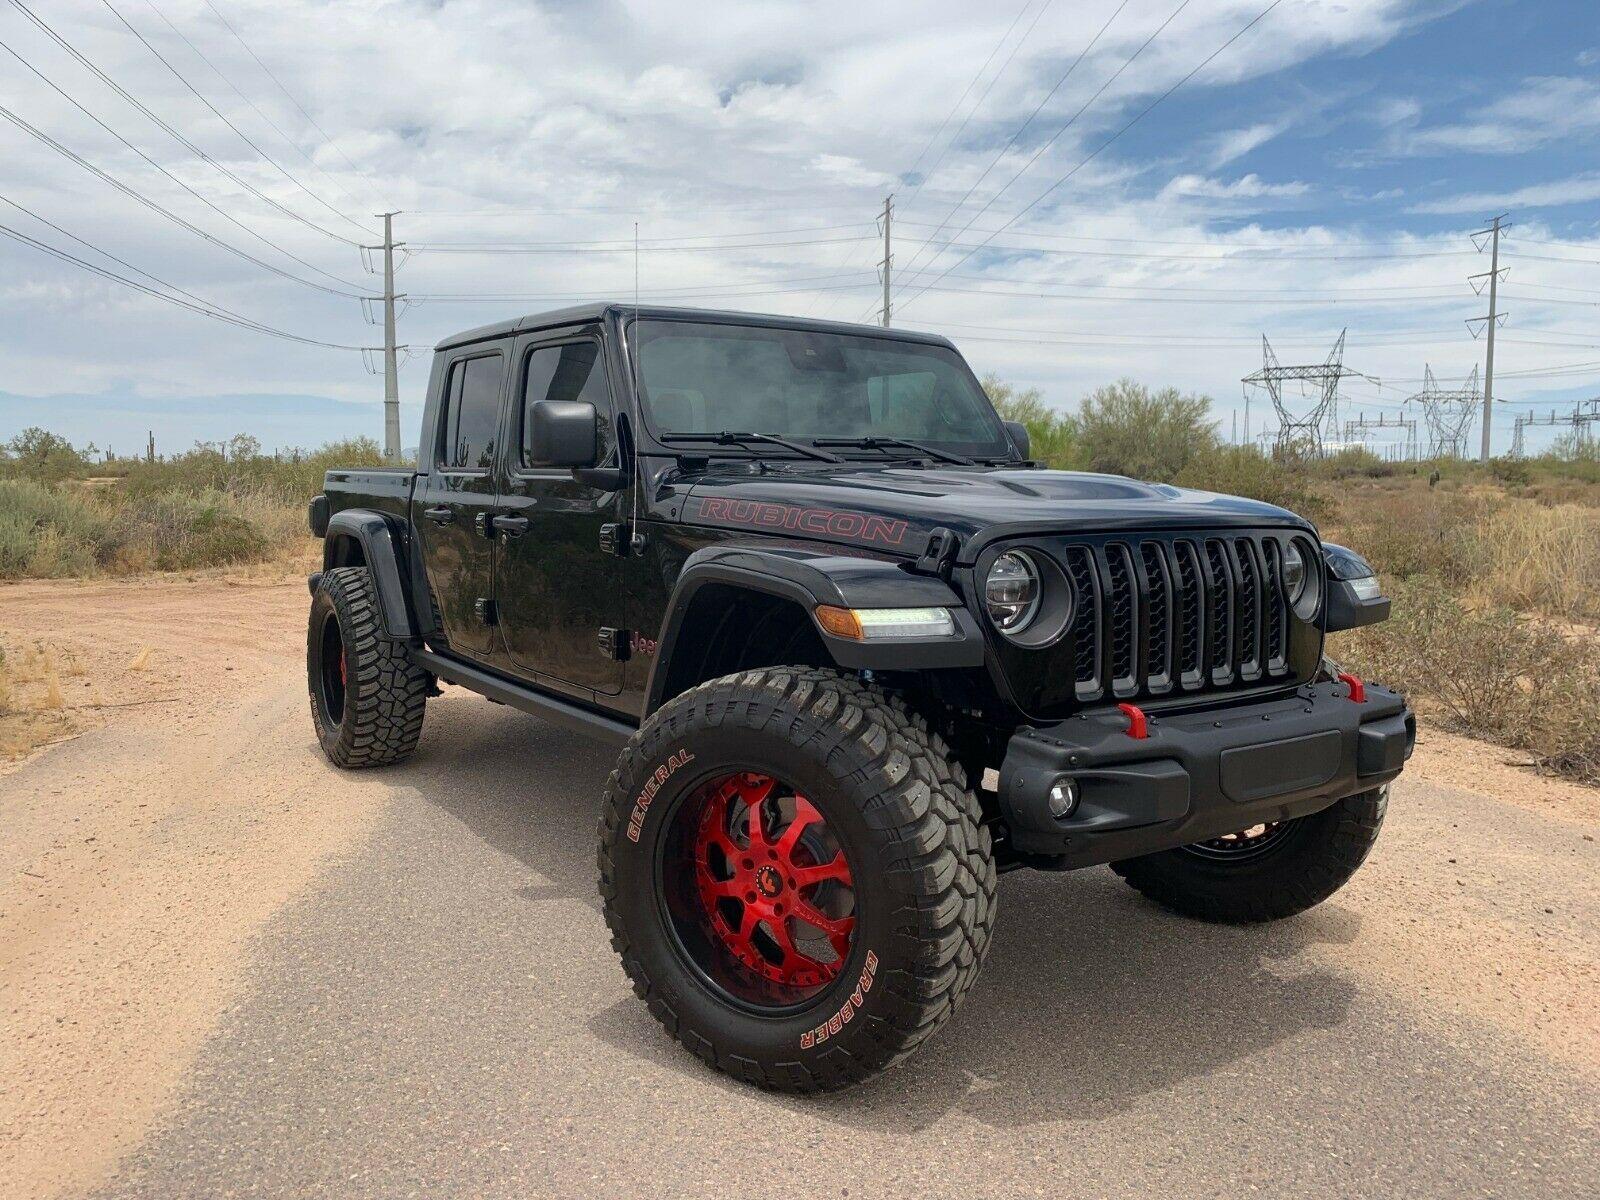 Jeep Wrangler Gladiator Custom Jeep Wrangler Jeep Wrangler Jl